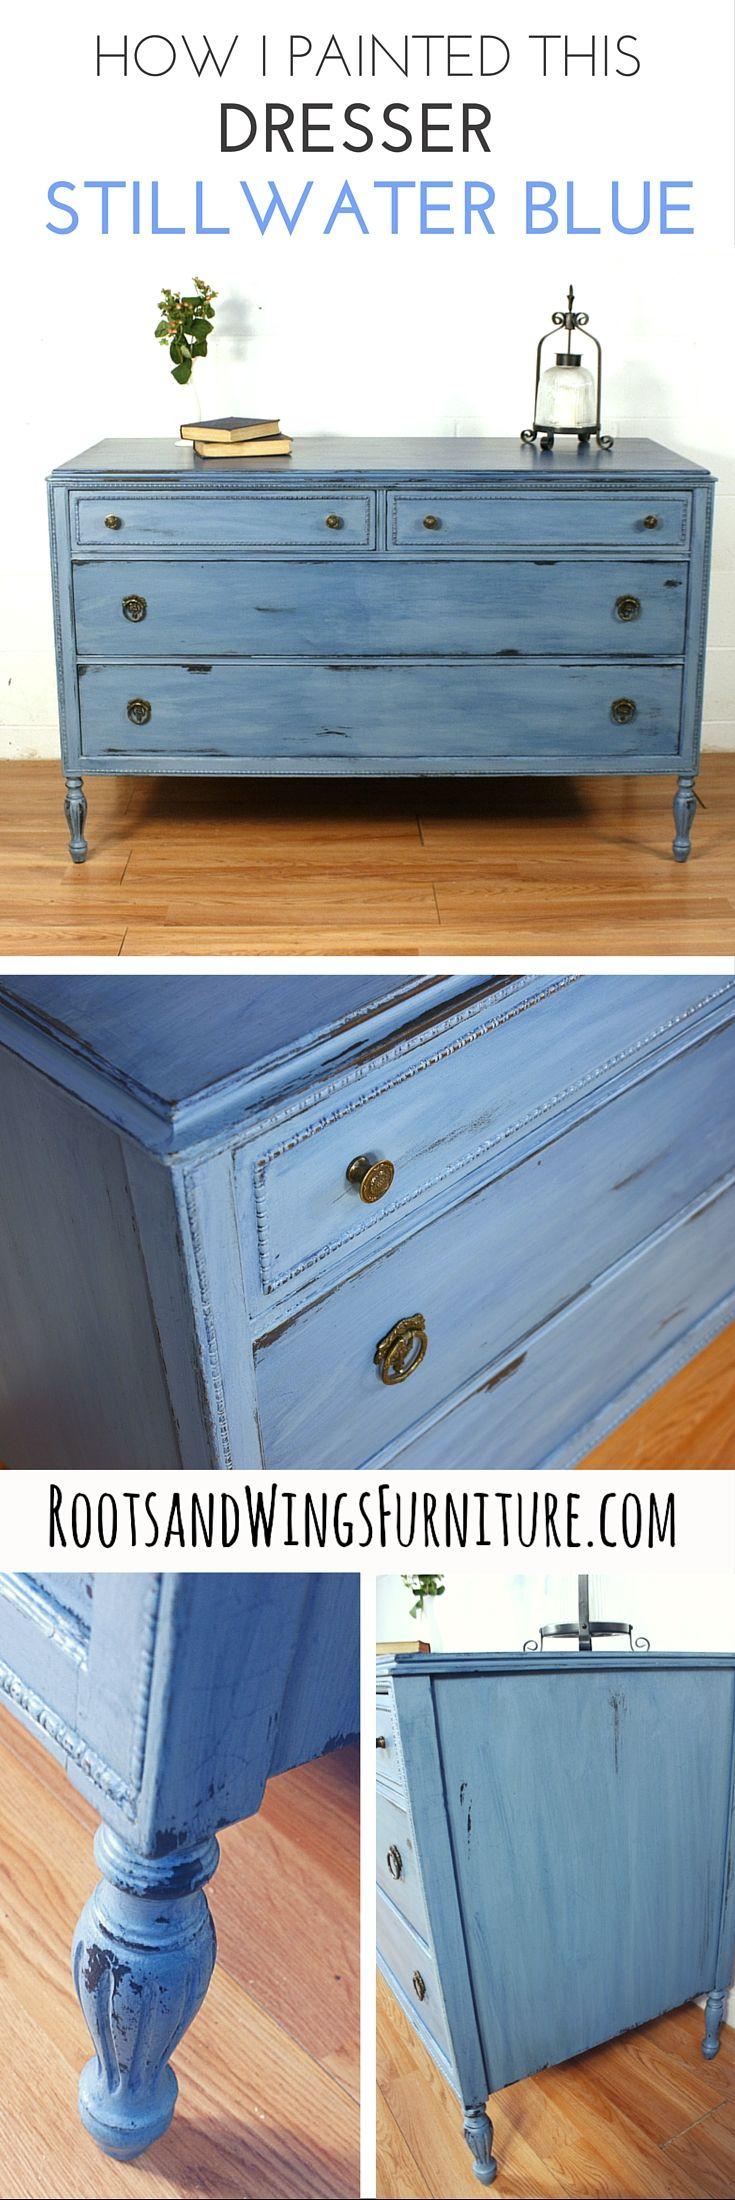 Stillwater Blue Dresser & Colorwashing Tutorial